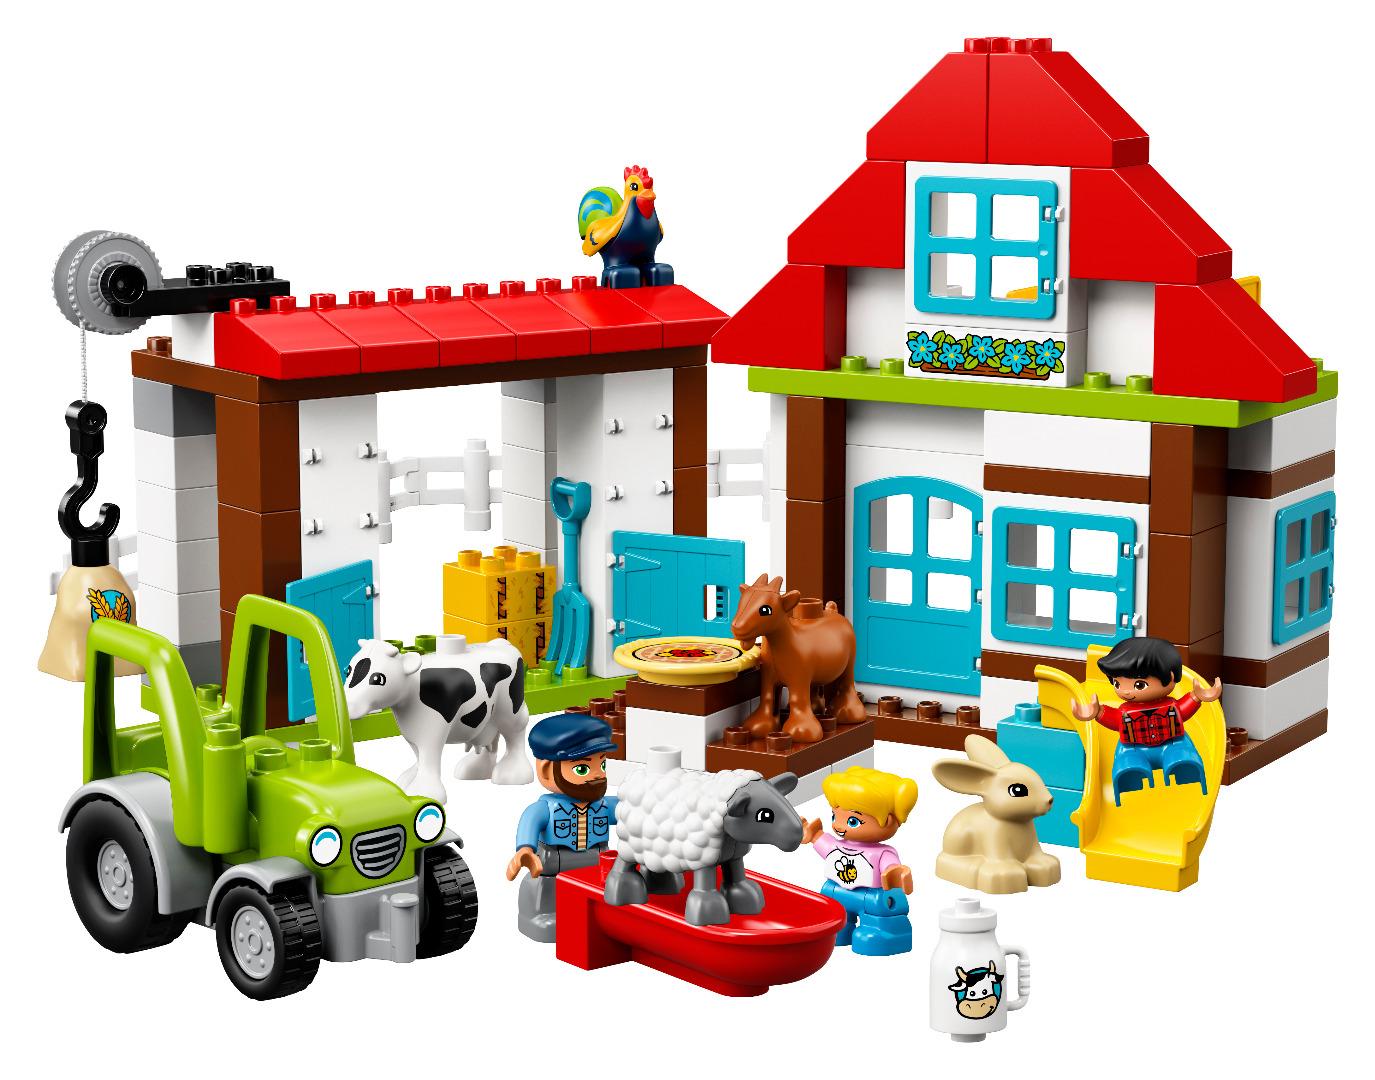 Детский конструктор: весело и полезно